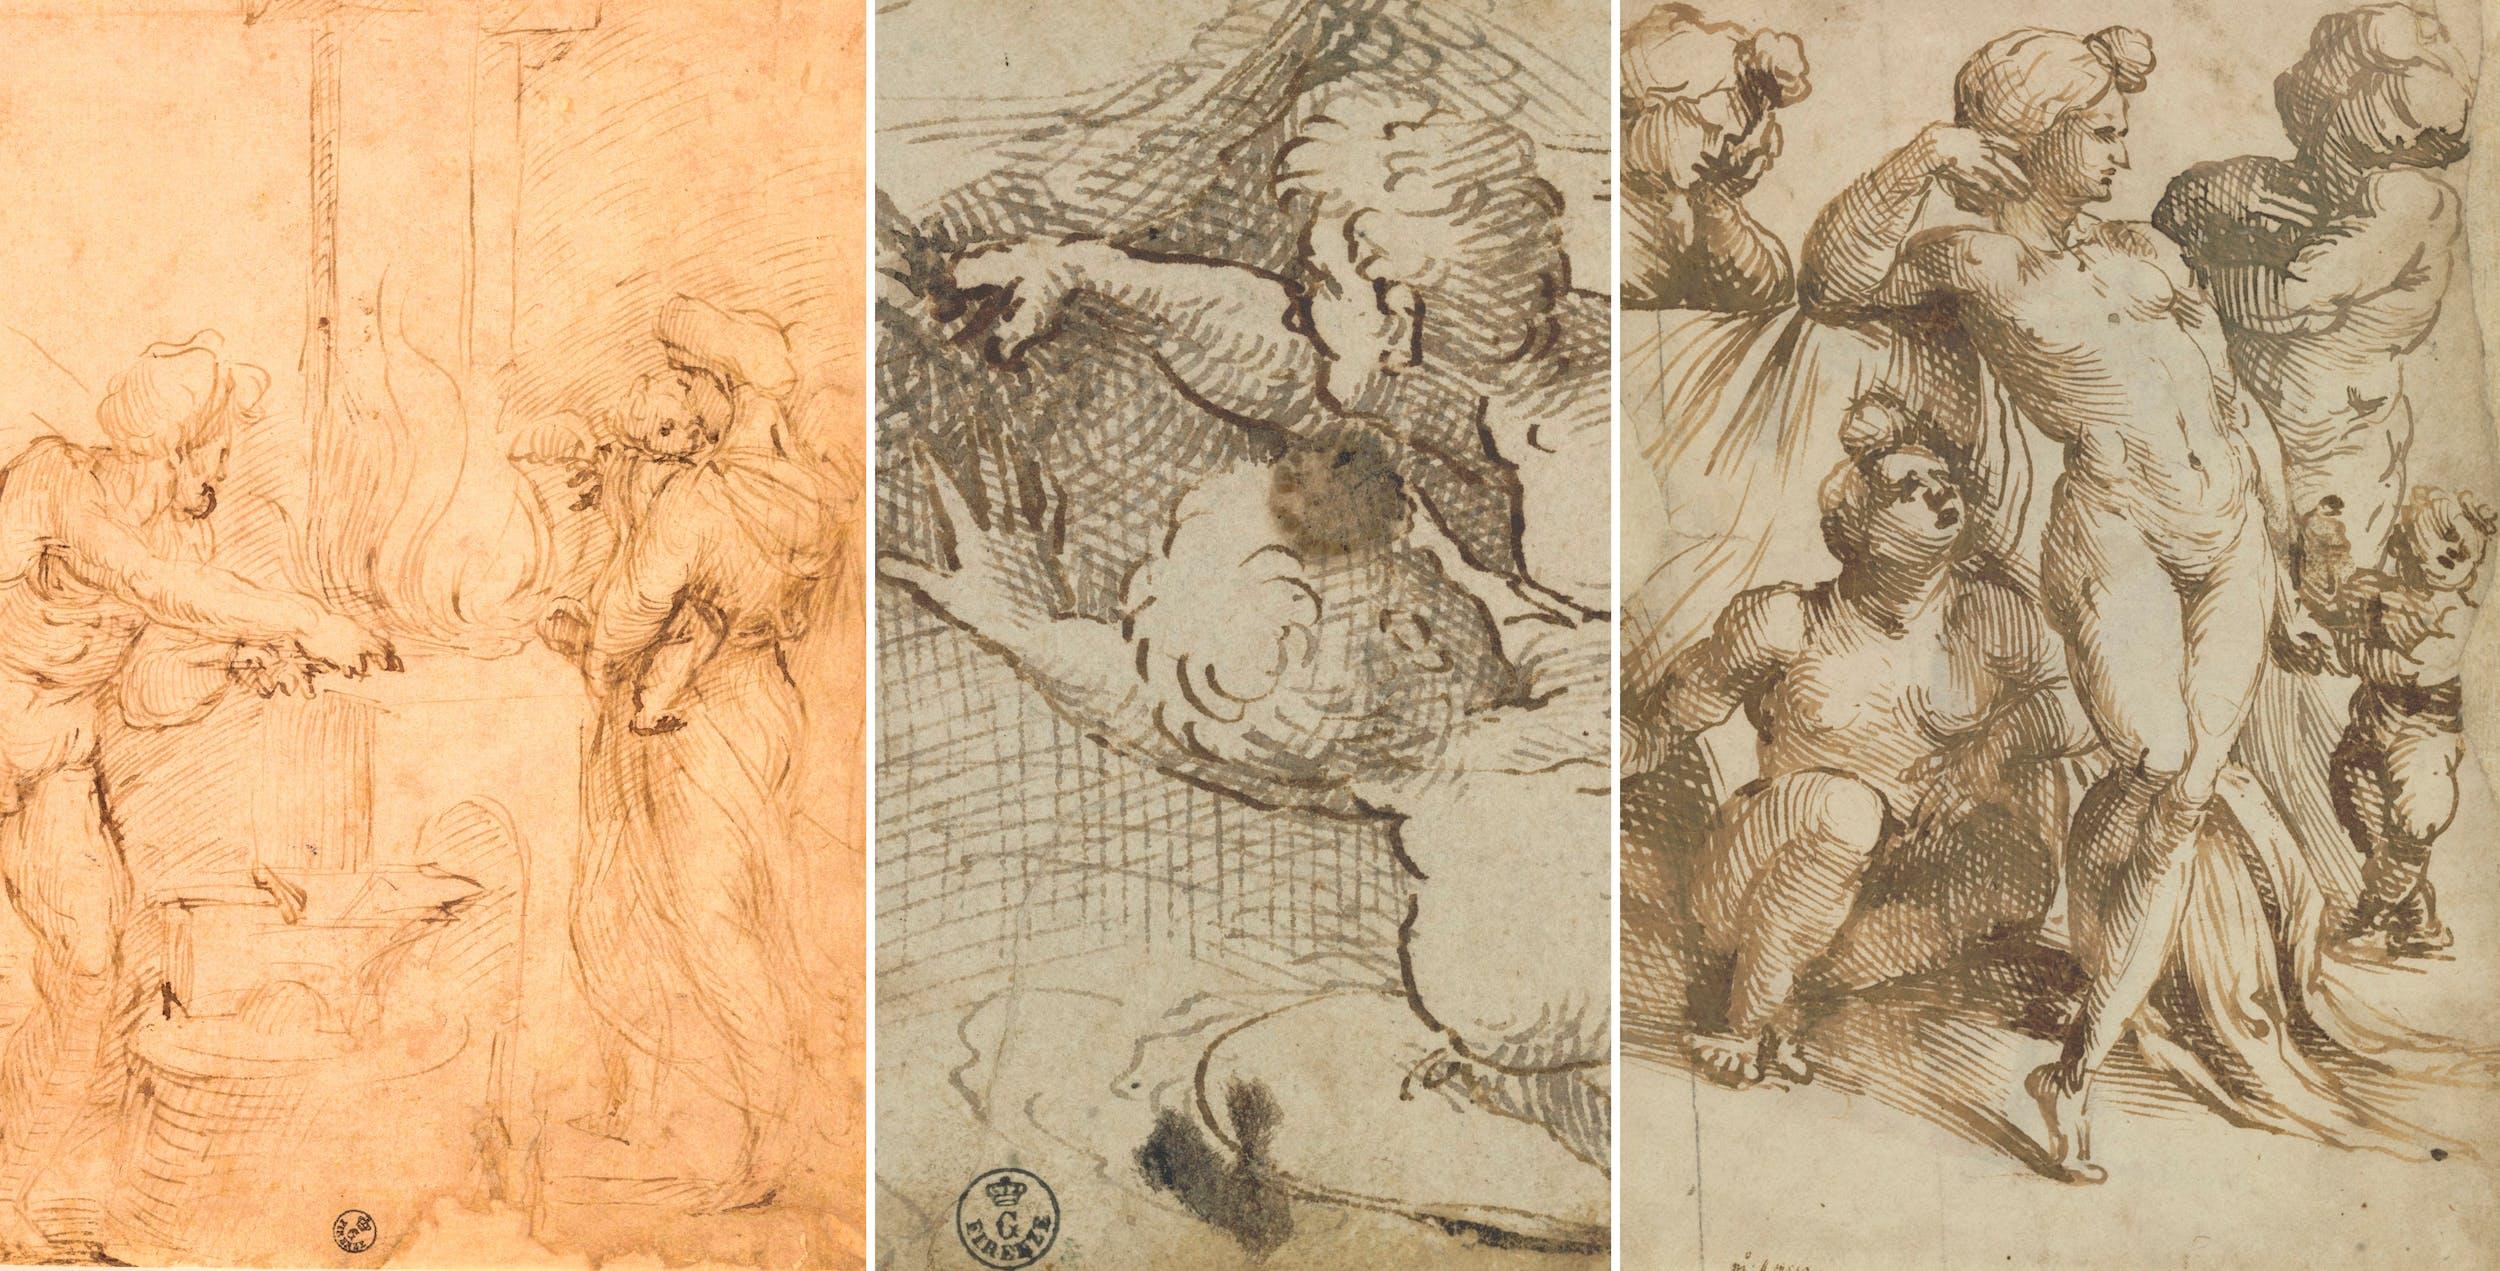 Sezione II - Aspertini: A) Venere con Amore nella fucina di Vulcano  B)  Tre guerrieri che si mettono in salvo, raggiungendo la riva di un fiume  C) Gruppo di quattro donne e bambino